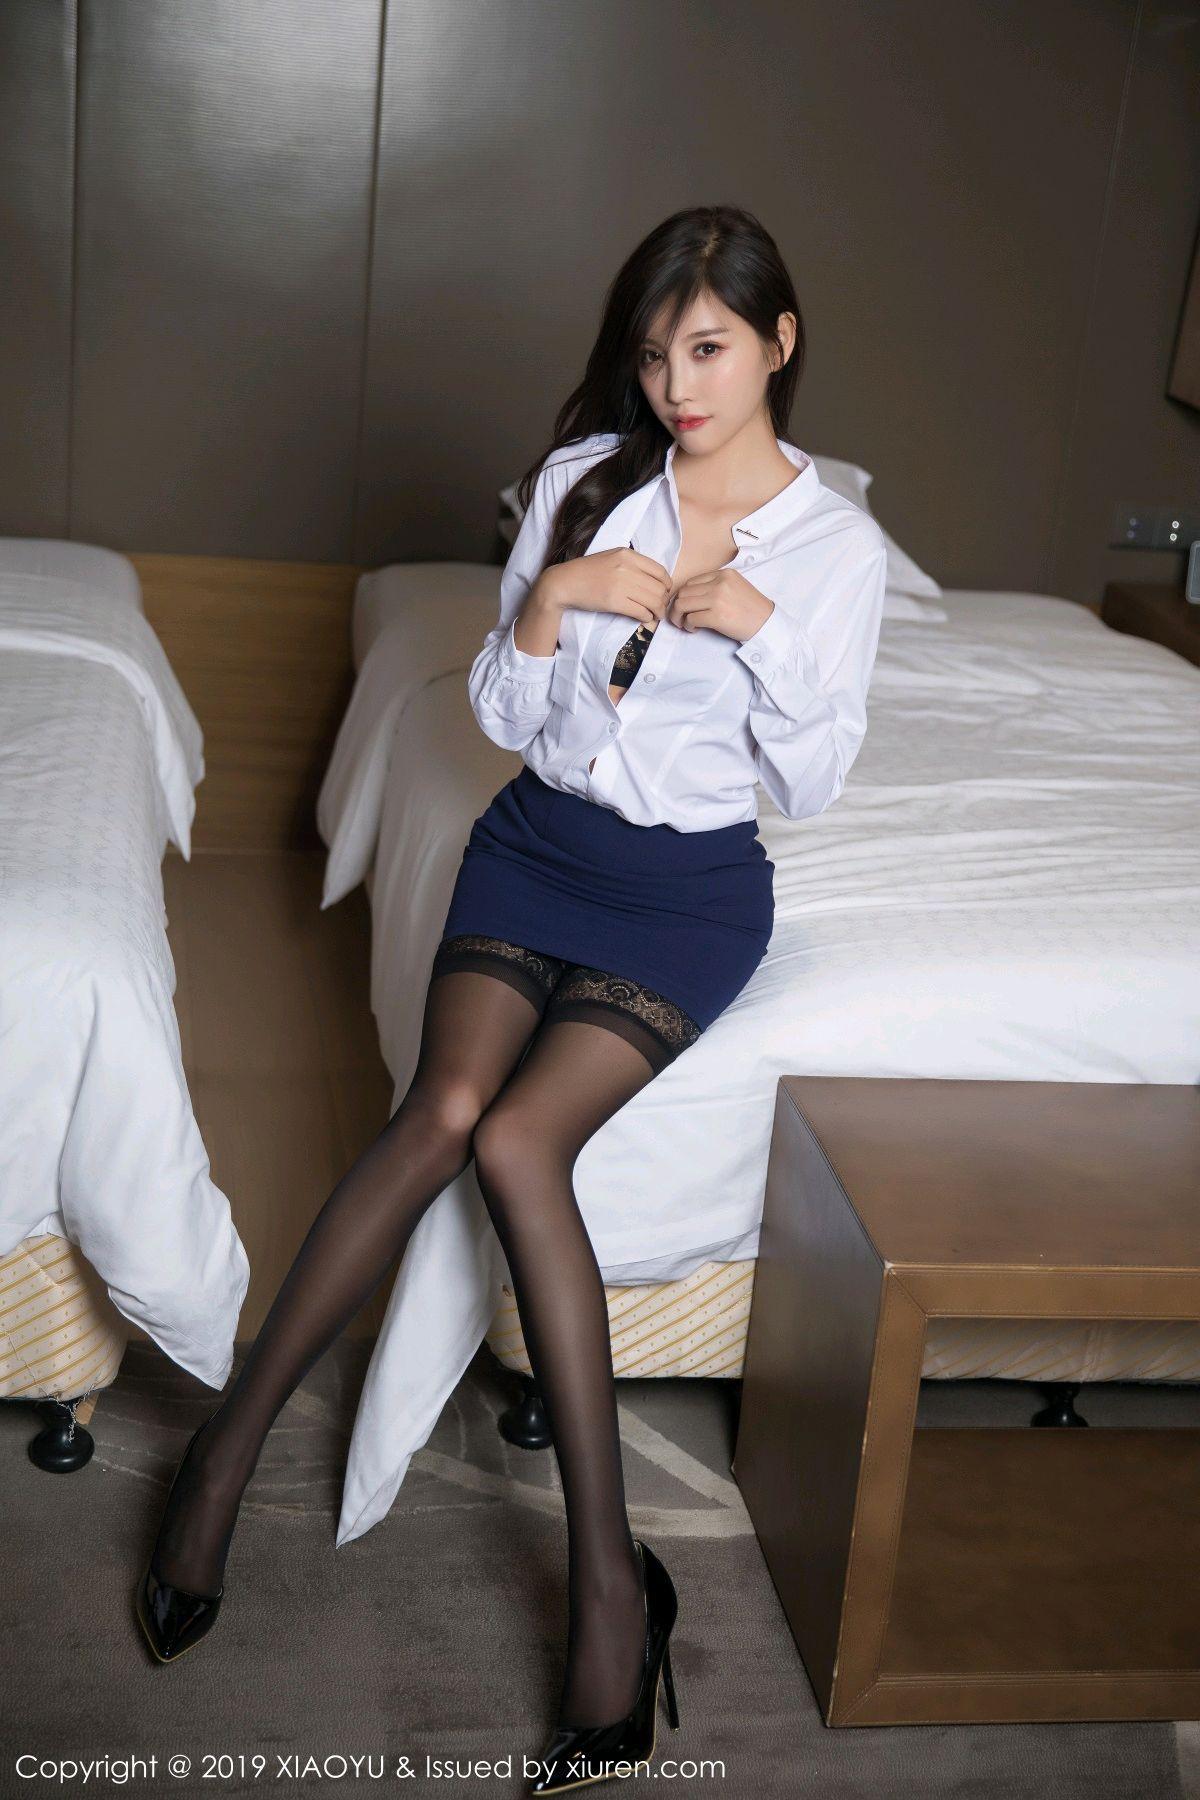 [XiaoYu] Vol.005 Yang Chen Chen 24P, Black Silk, Tall, Uniform, XiaoYu, Yang Chen Chen